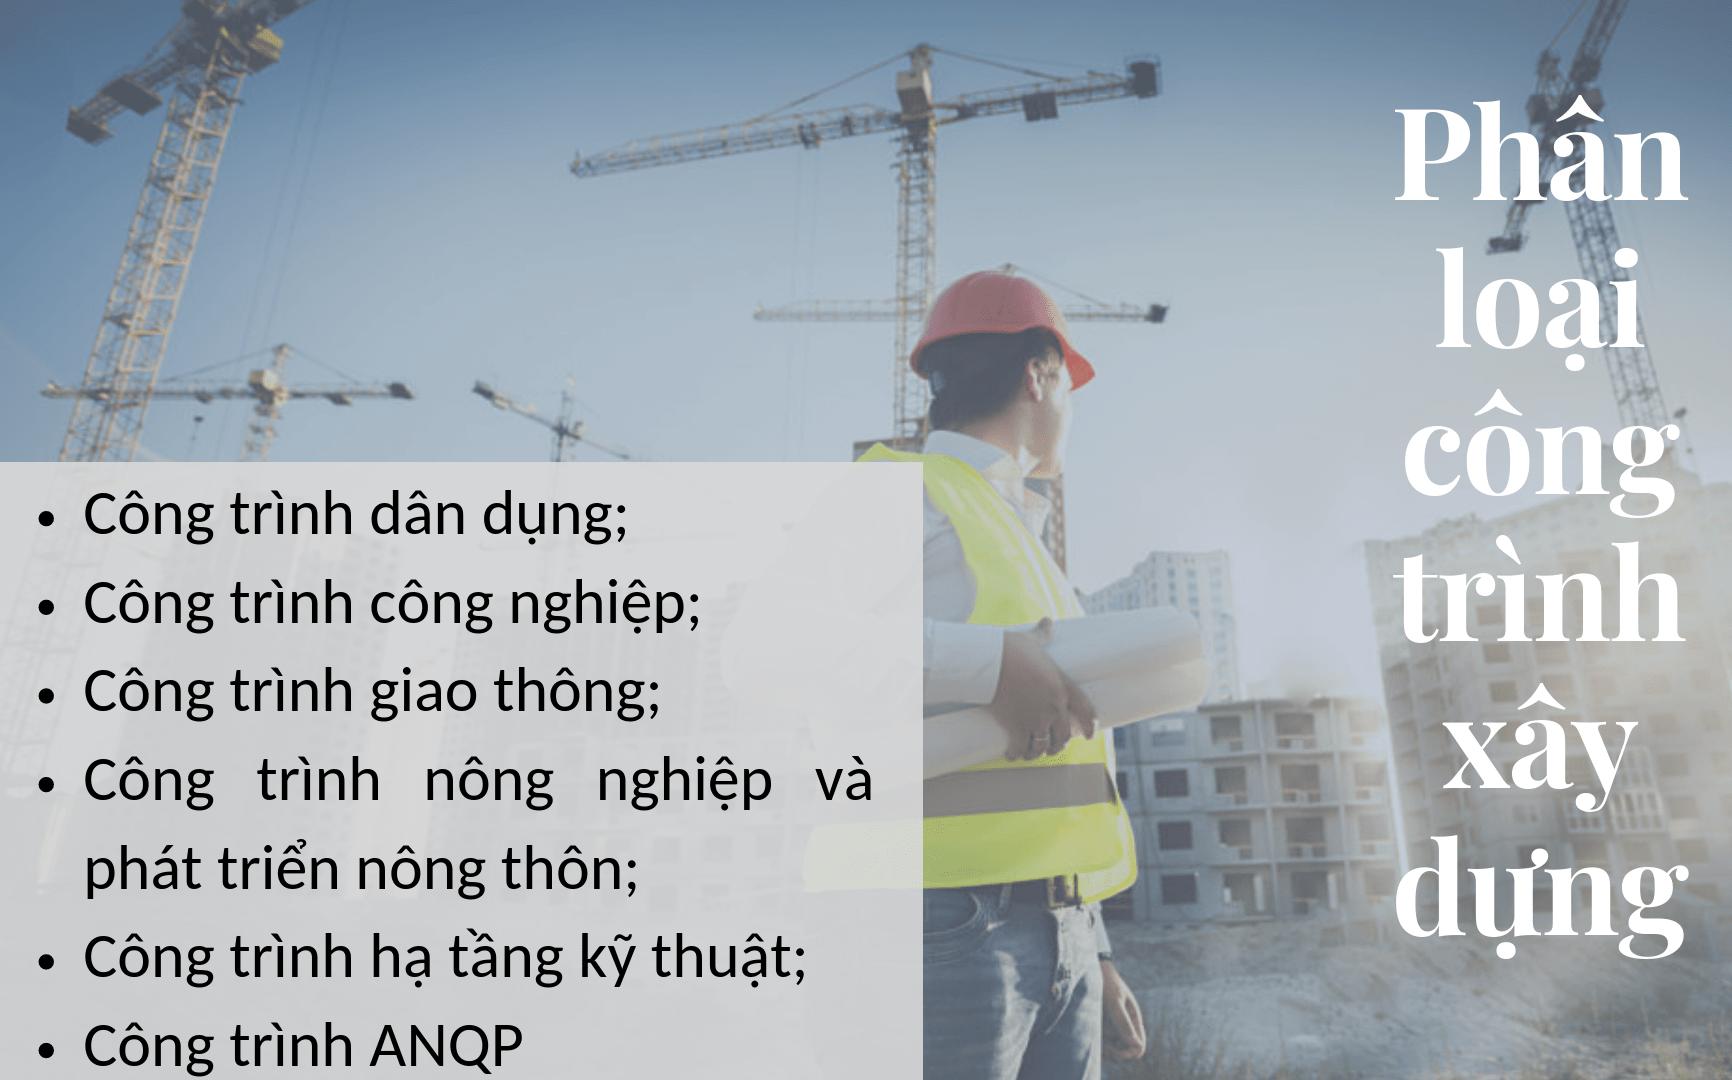 Các loại công trình xây dựng hiện nay